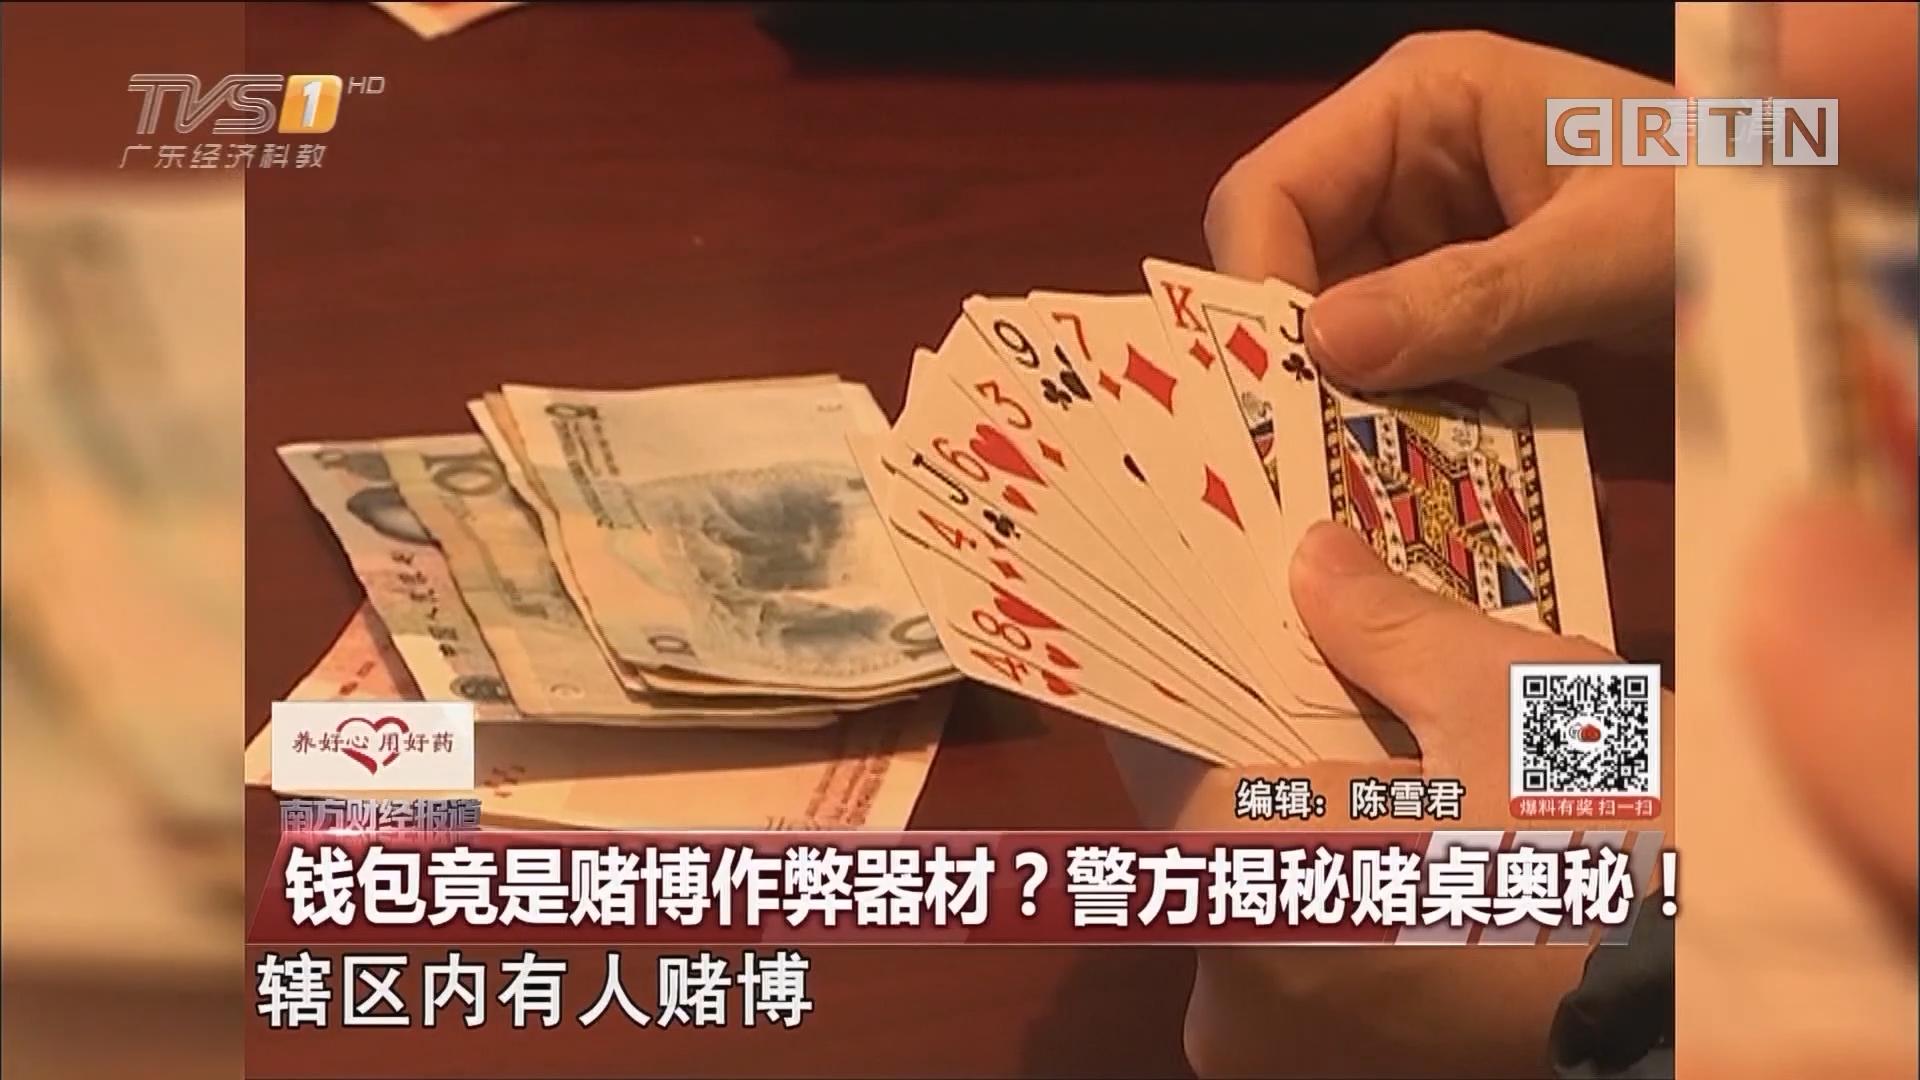 钱包竟是赌博作弊器材?警方揭秘赌桌奥秘!